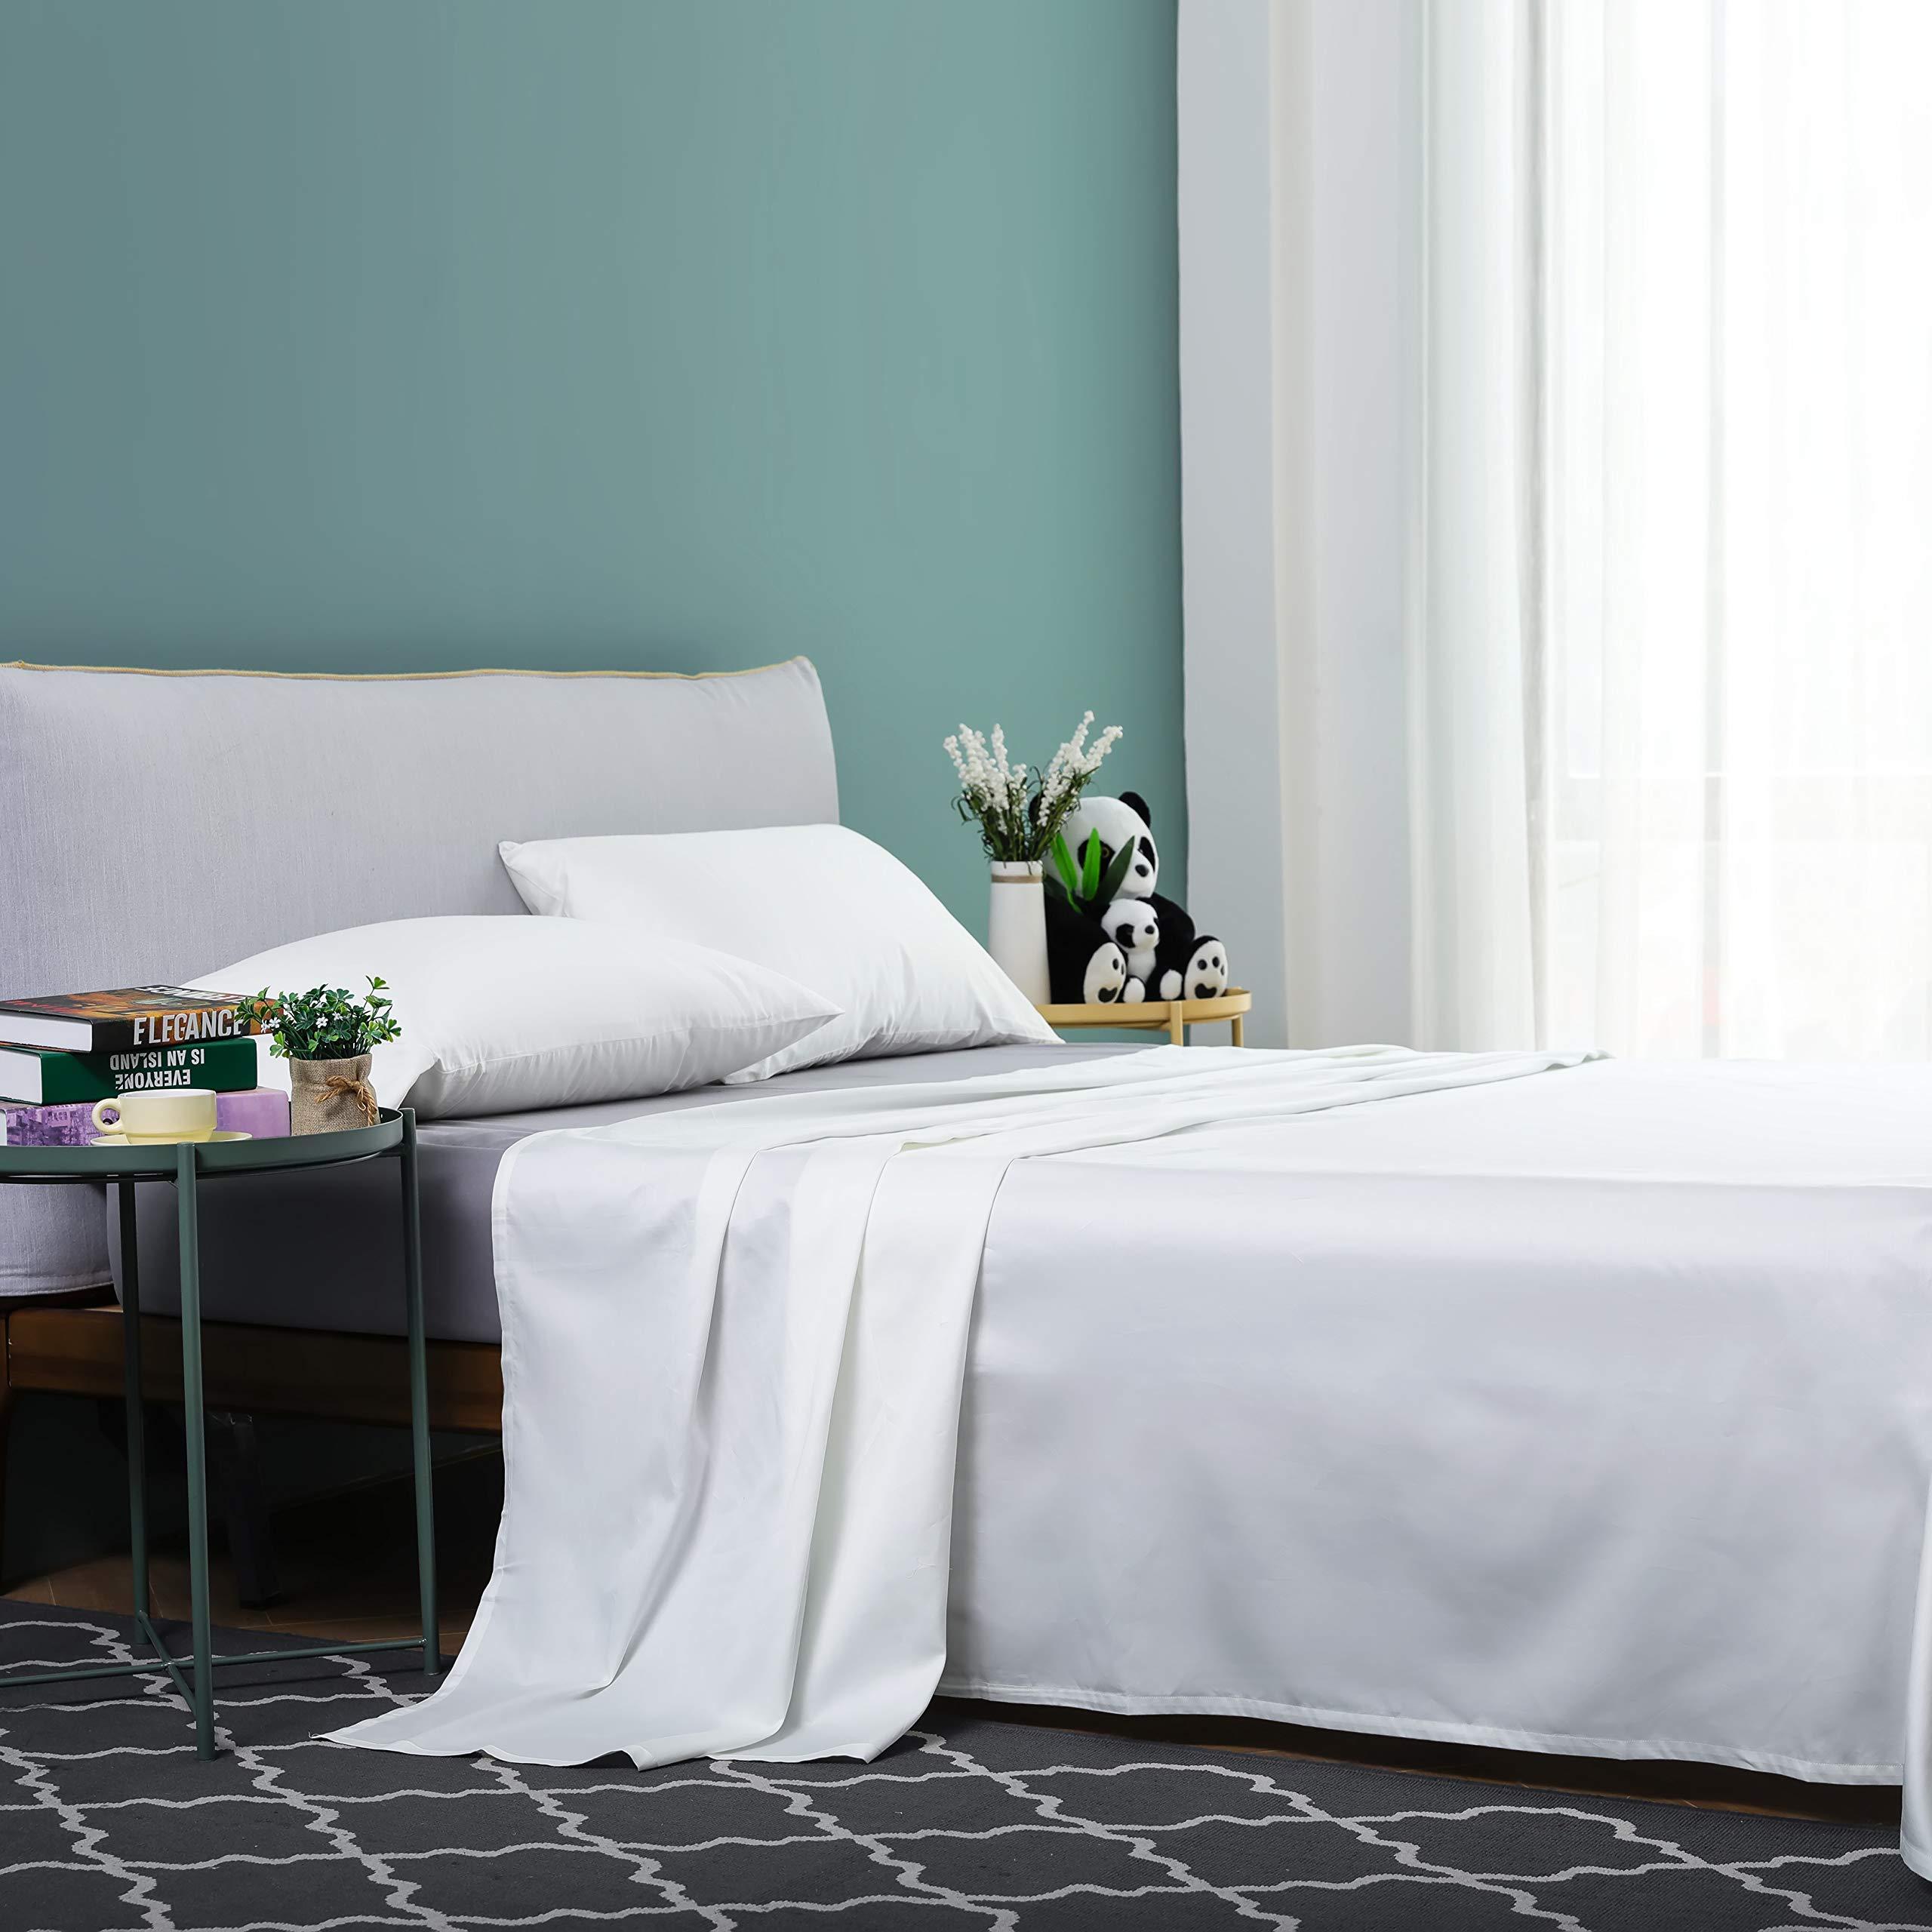 Vanc Home Juego de sábanas de satén, de algodón egipcio de 1000 hilos, algodón, blancanieves, King (270x260cm): Amazon.es: Hogar